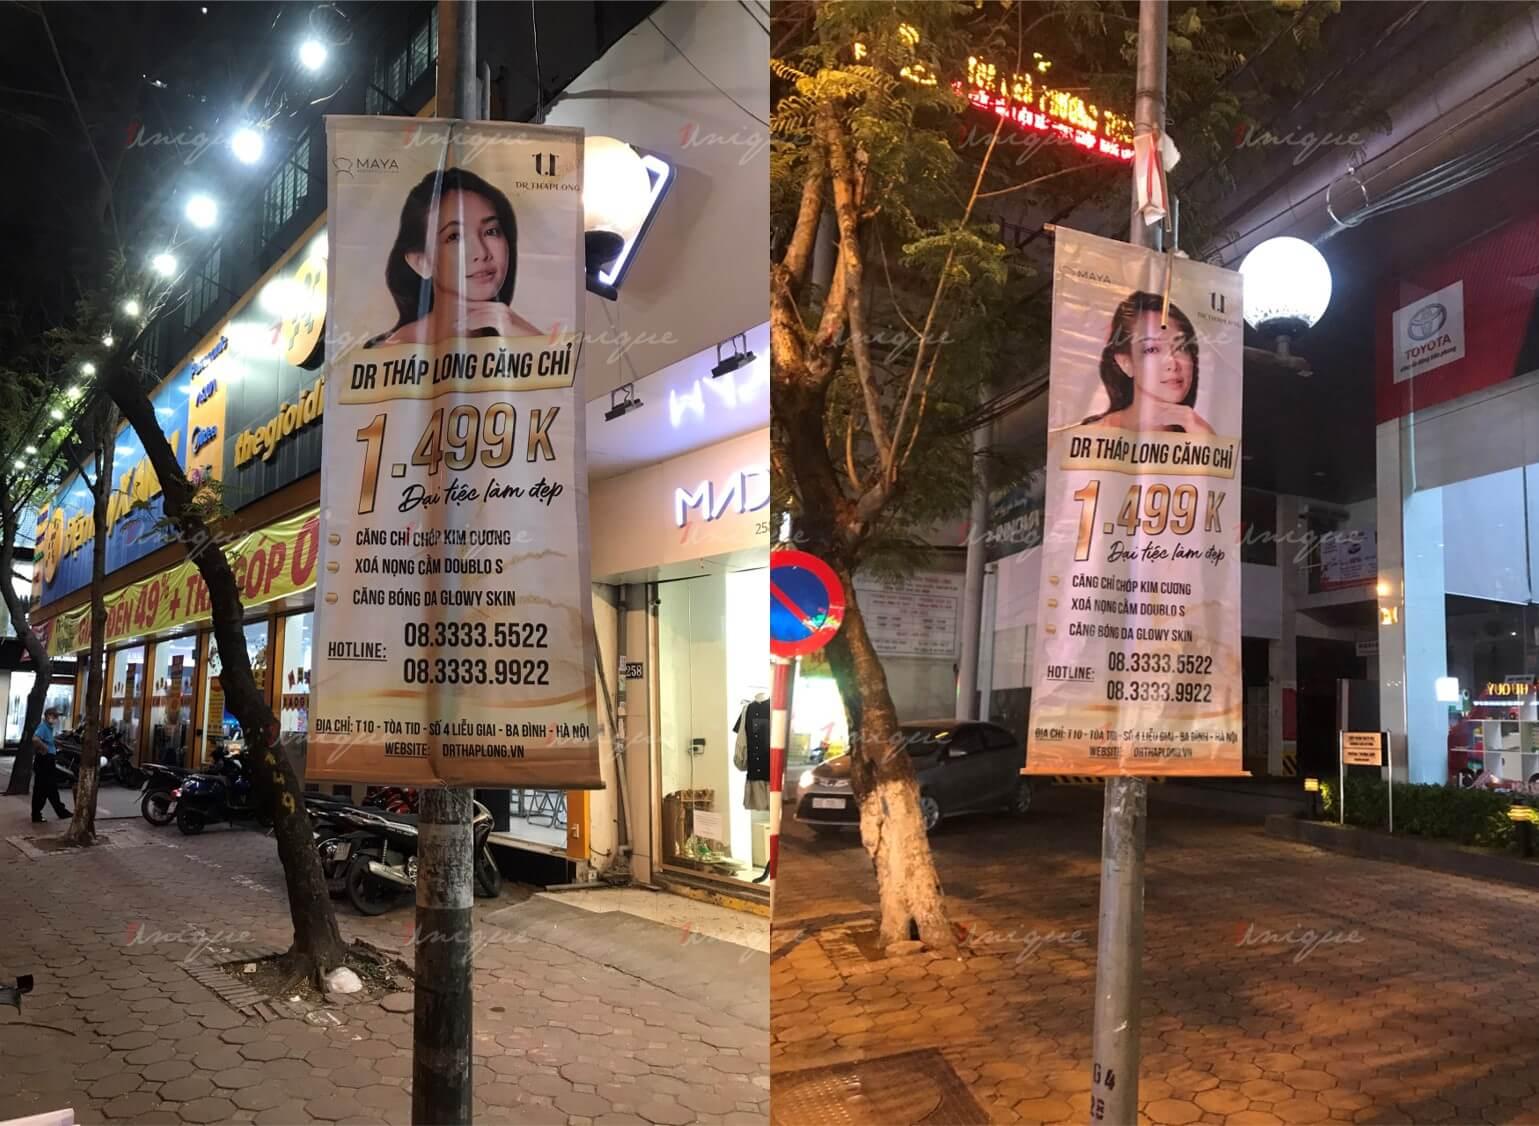 thẩm mỹ viện maya quảng cáo banner